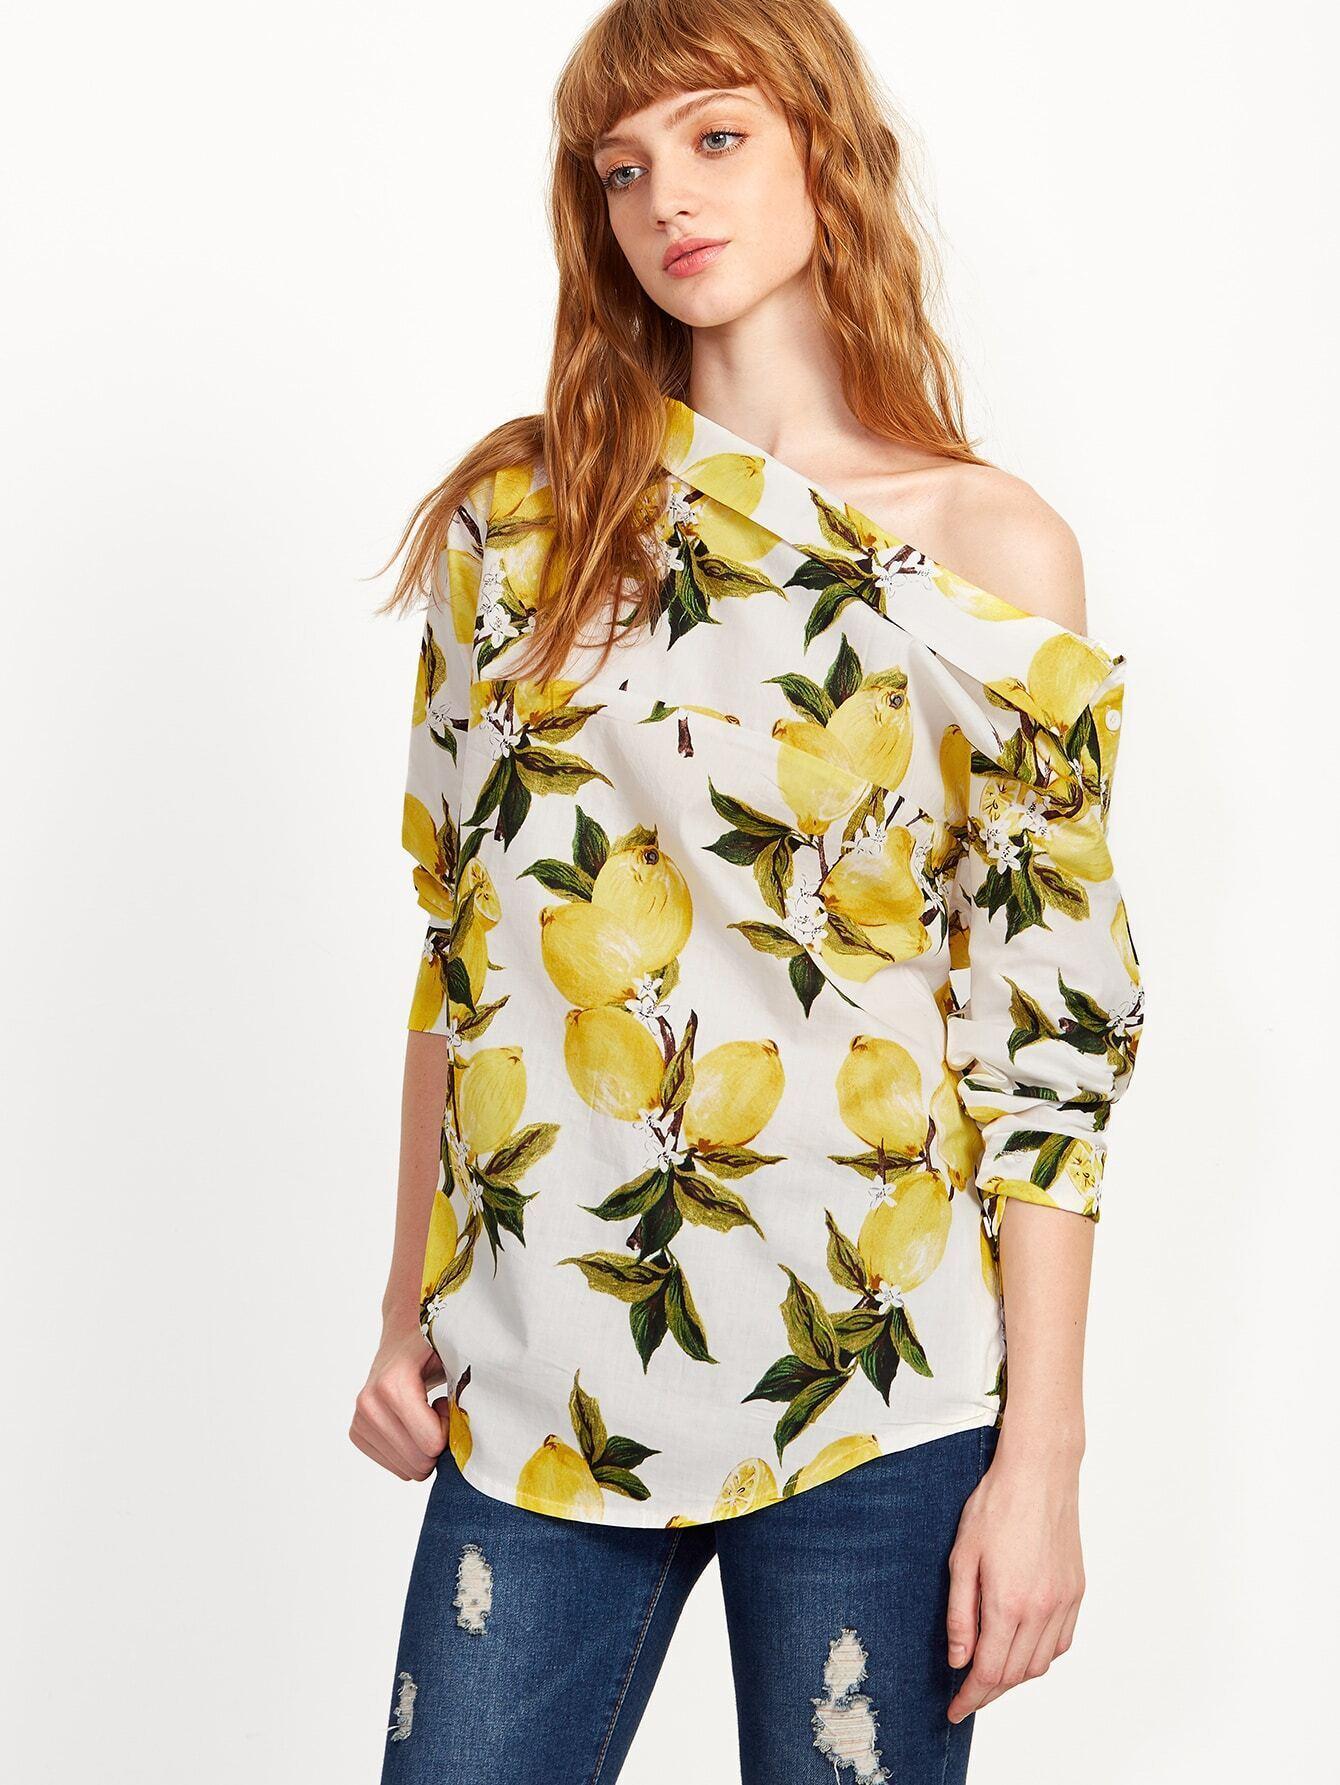 Lemon Print One Shoulder Button Top blouse160907103